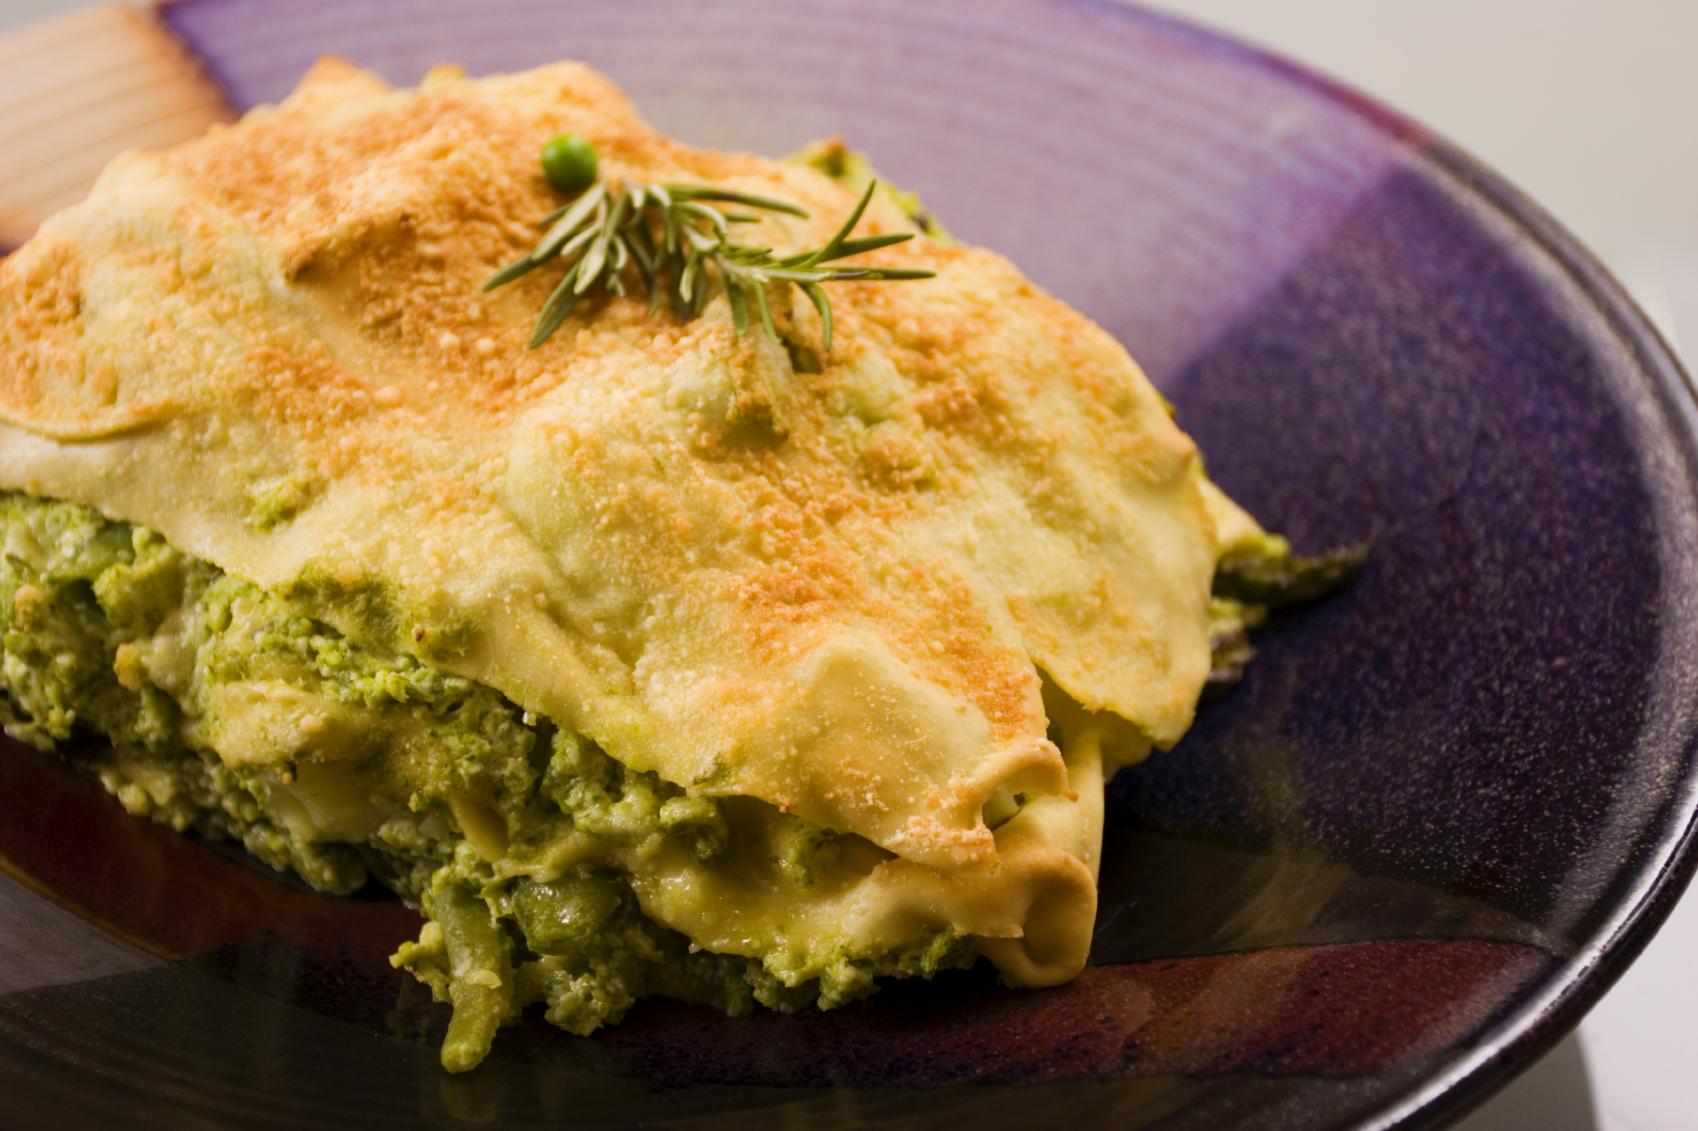 Lasagna de Brócoli y coliflor